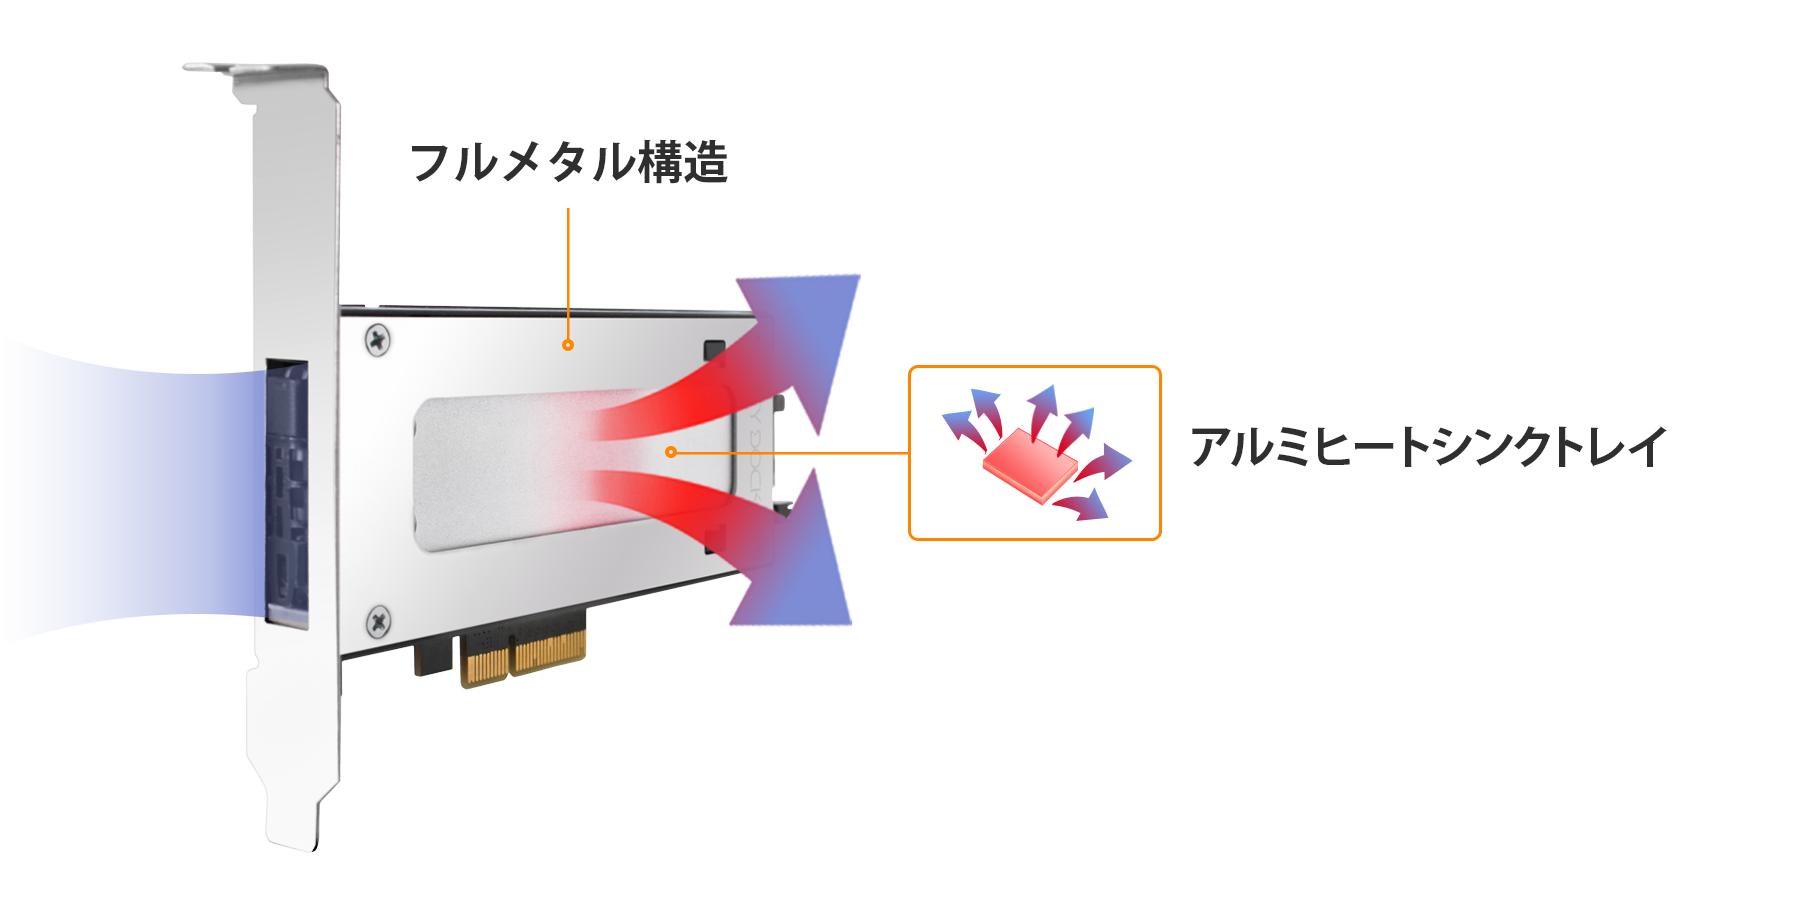 mb840m2p-b 効率的な冷却性能